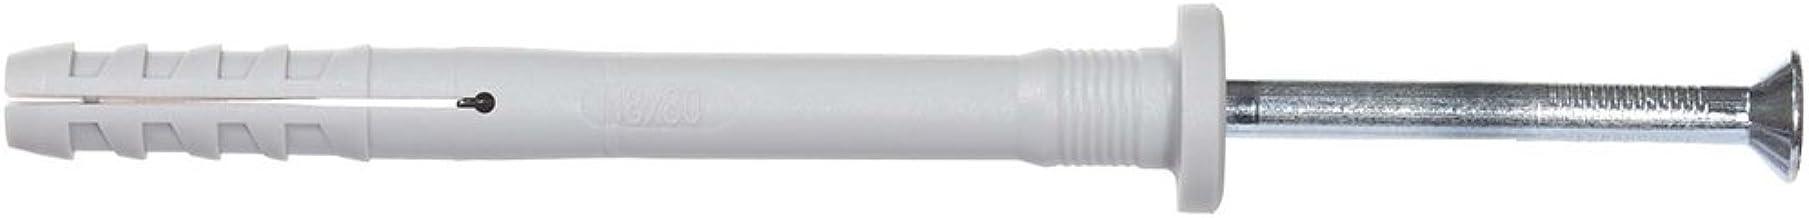 fischer 513703 nagelpluggen N 8 x 100/60 F